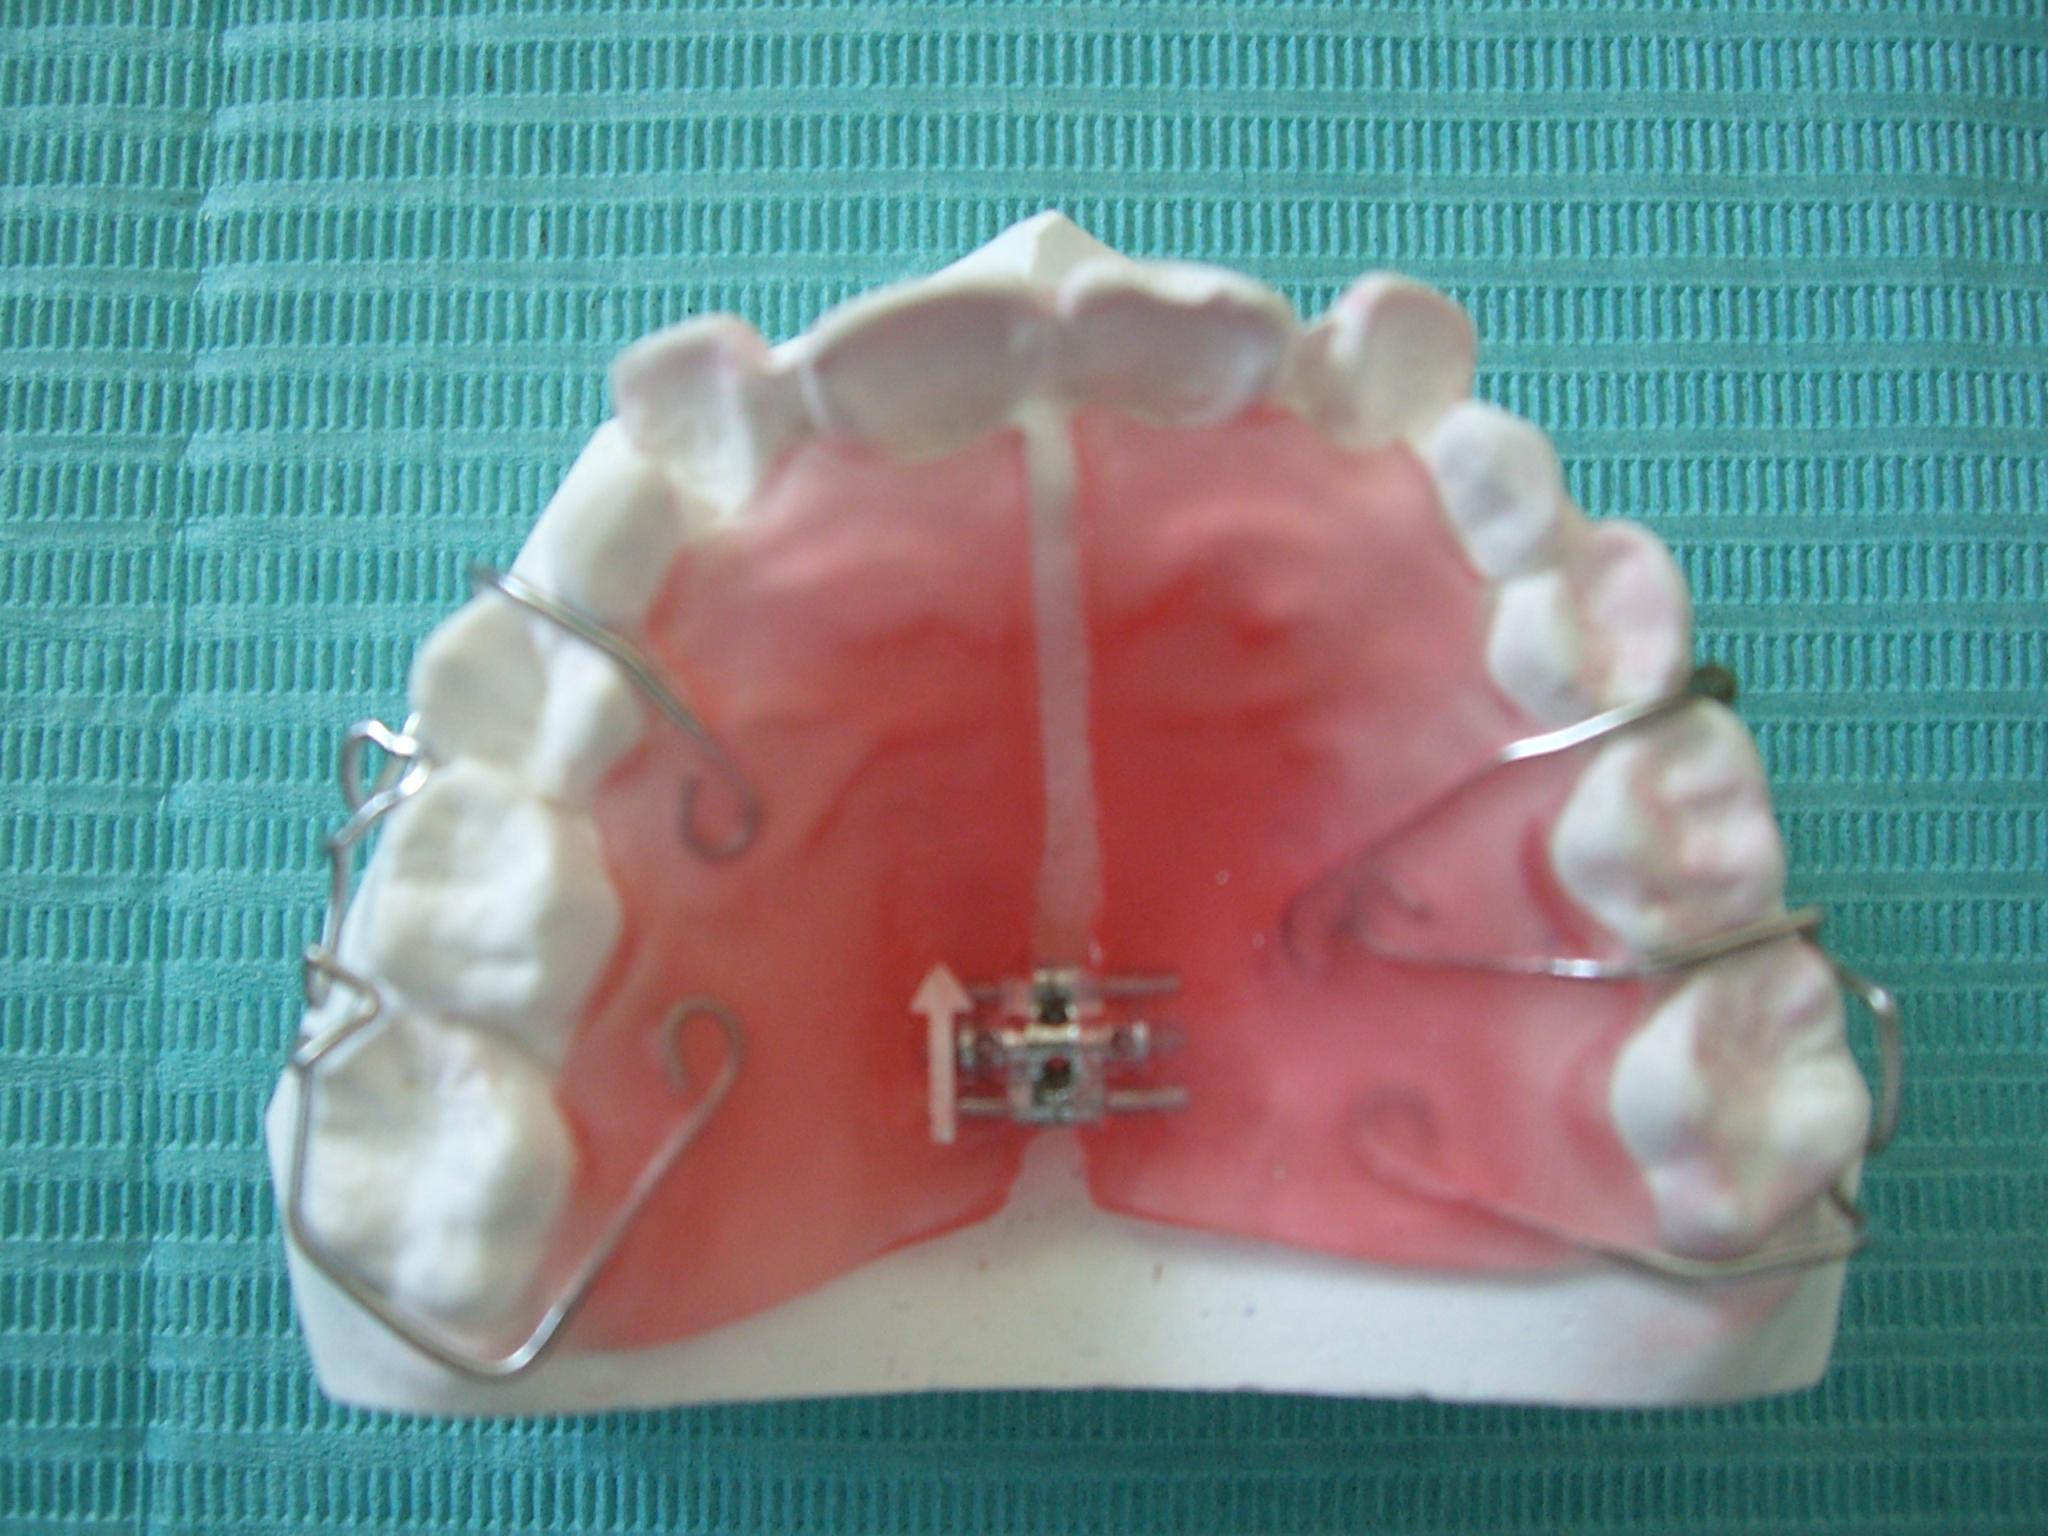 �@ この装置は取り外しが可能な装置で、側方に拡大したいときなどに使用します... 矯正歯科